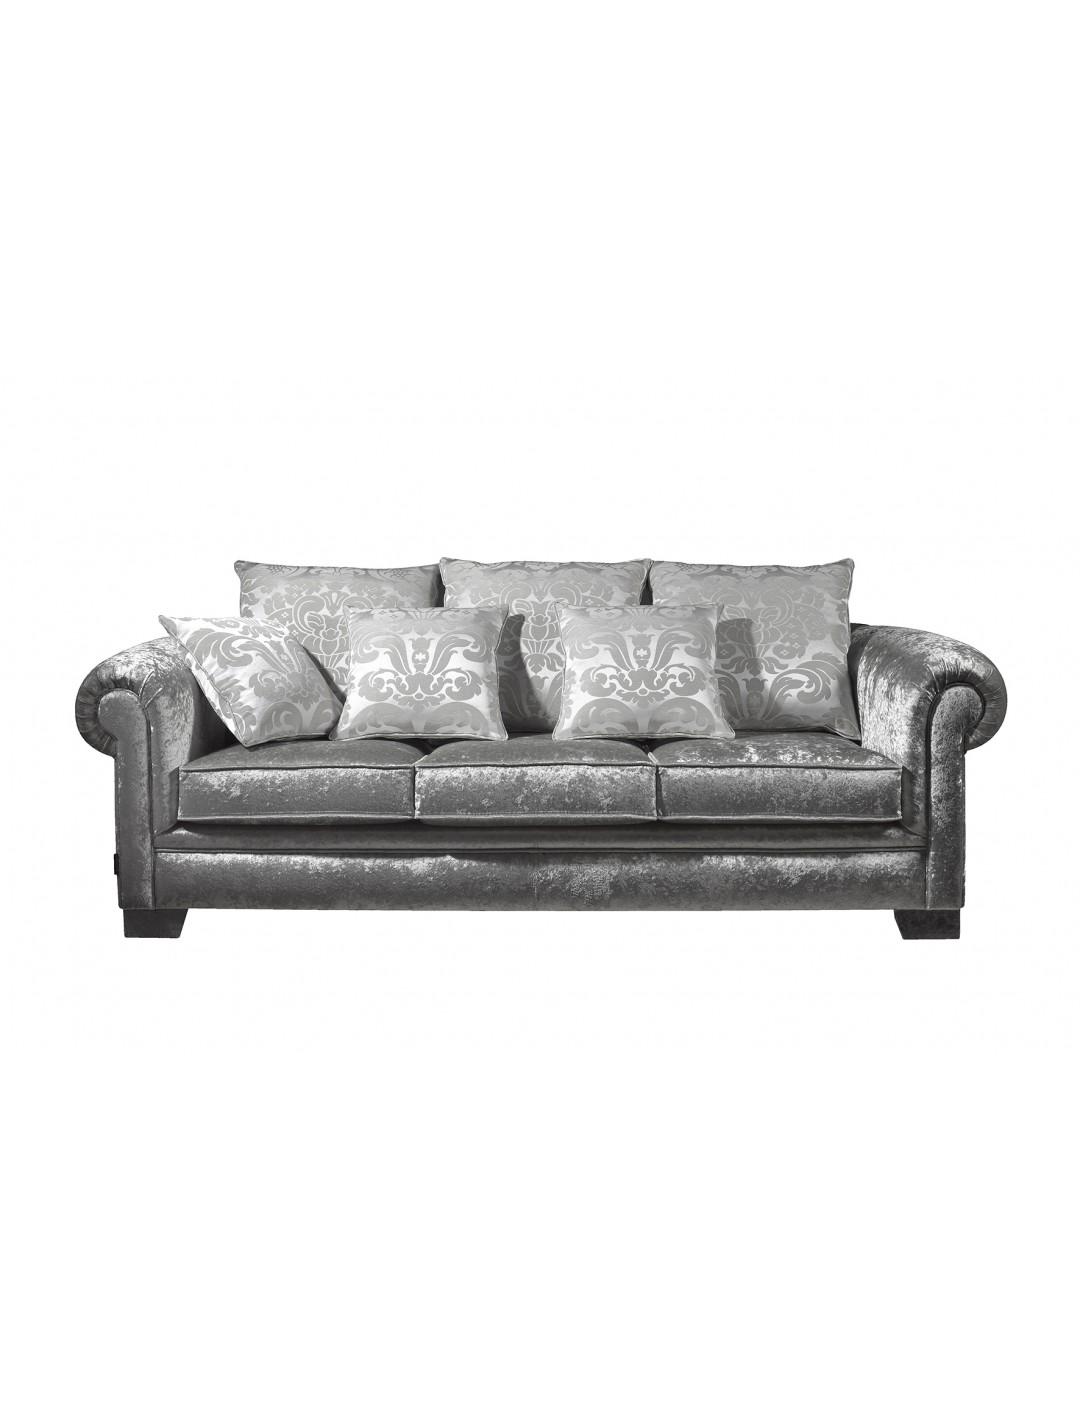 VICTORIA 3 SEAT-SOFA BED,3 (60X60 CM) CUSHIOMS,3 (45X45 CM) CUSHIONS, C.O.M.